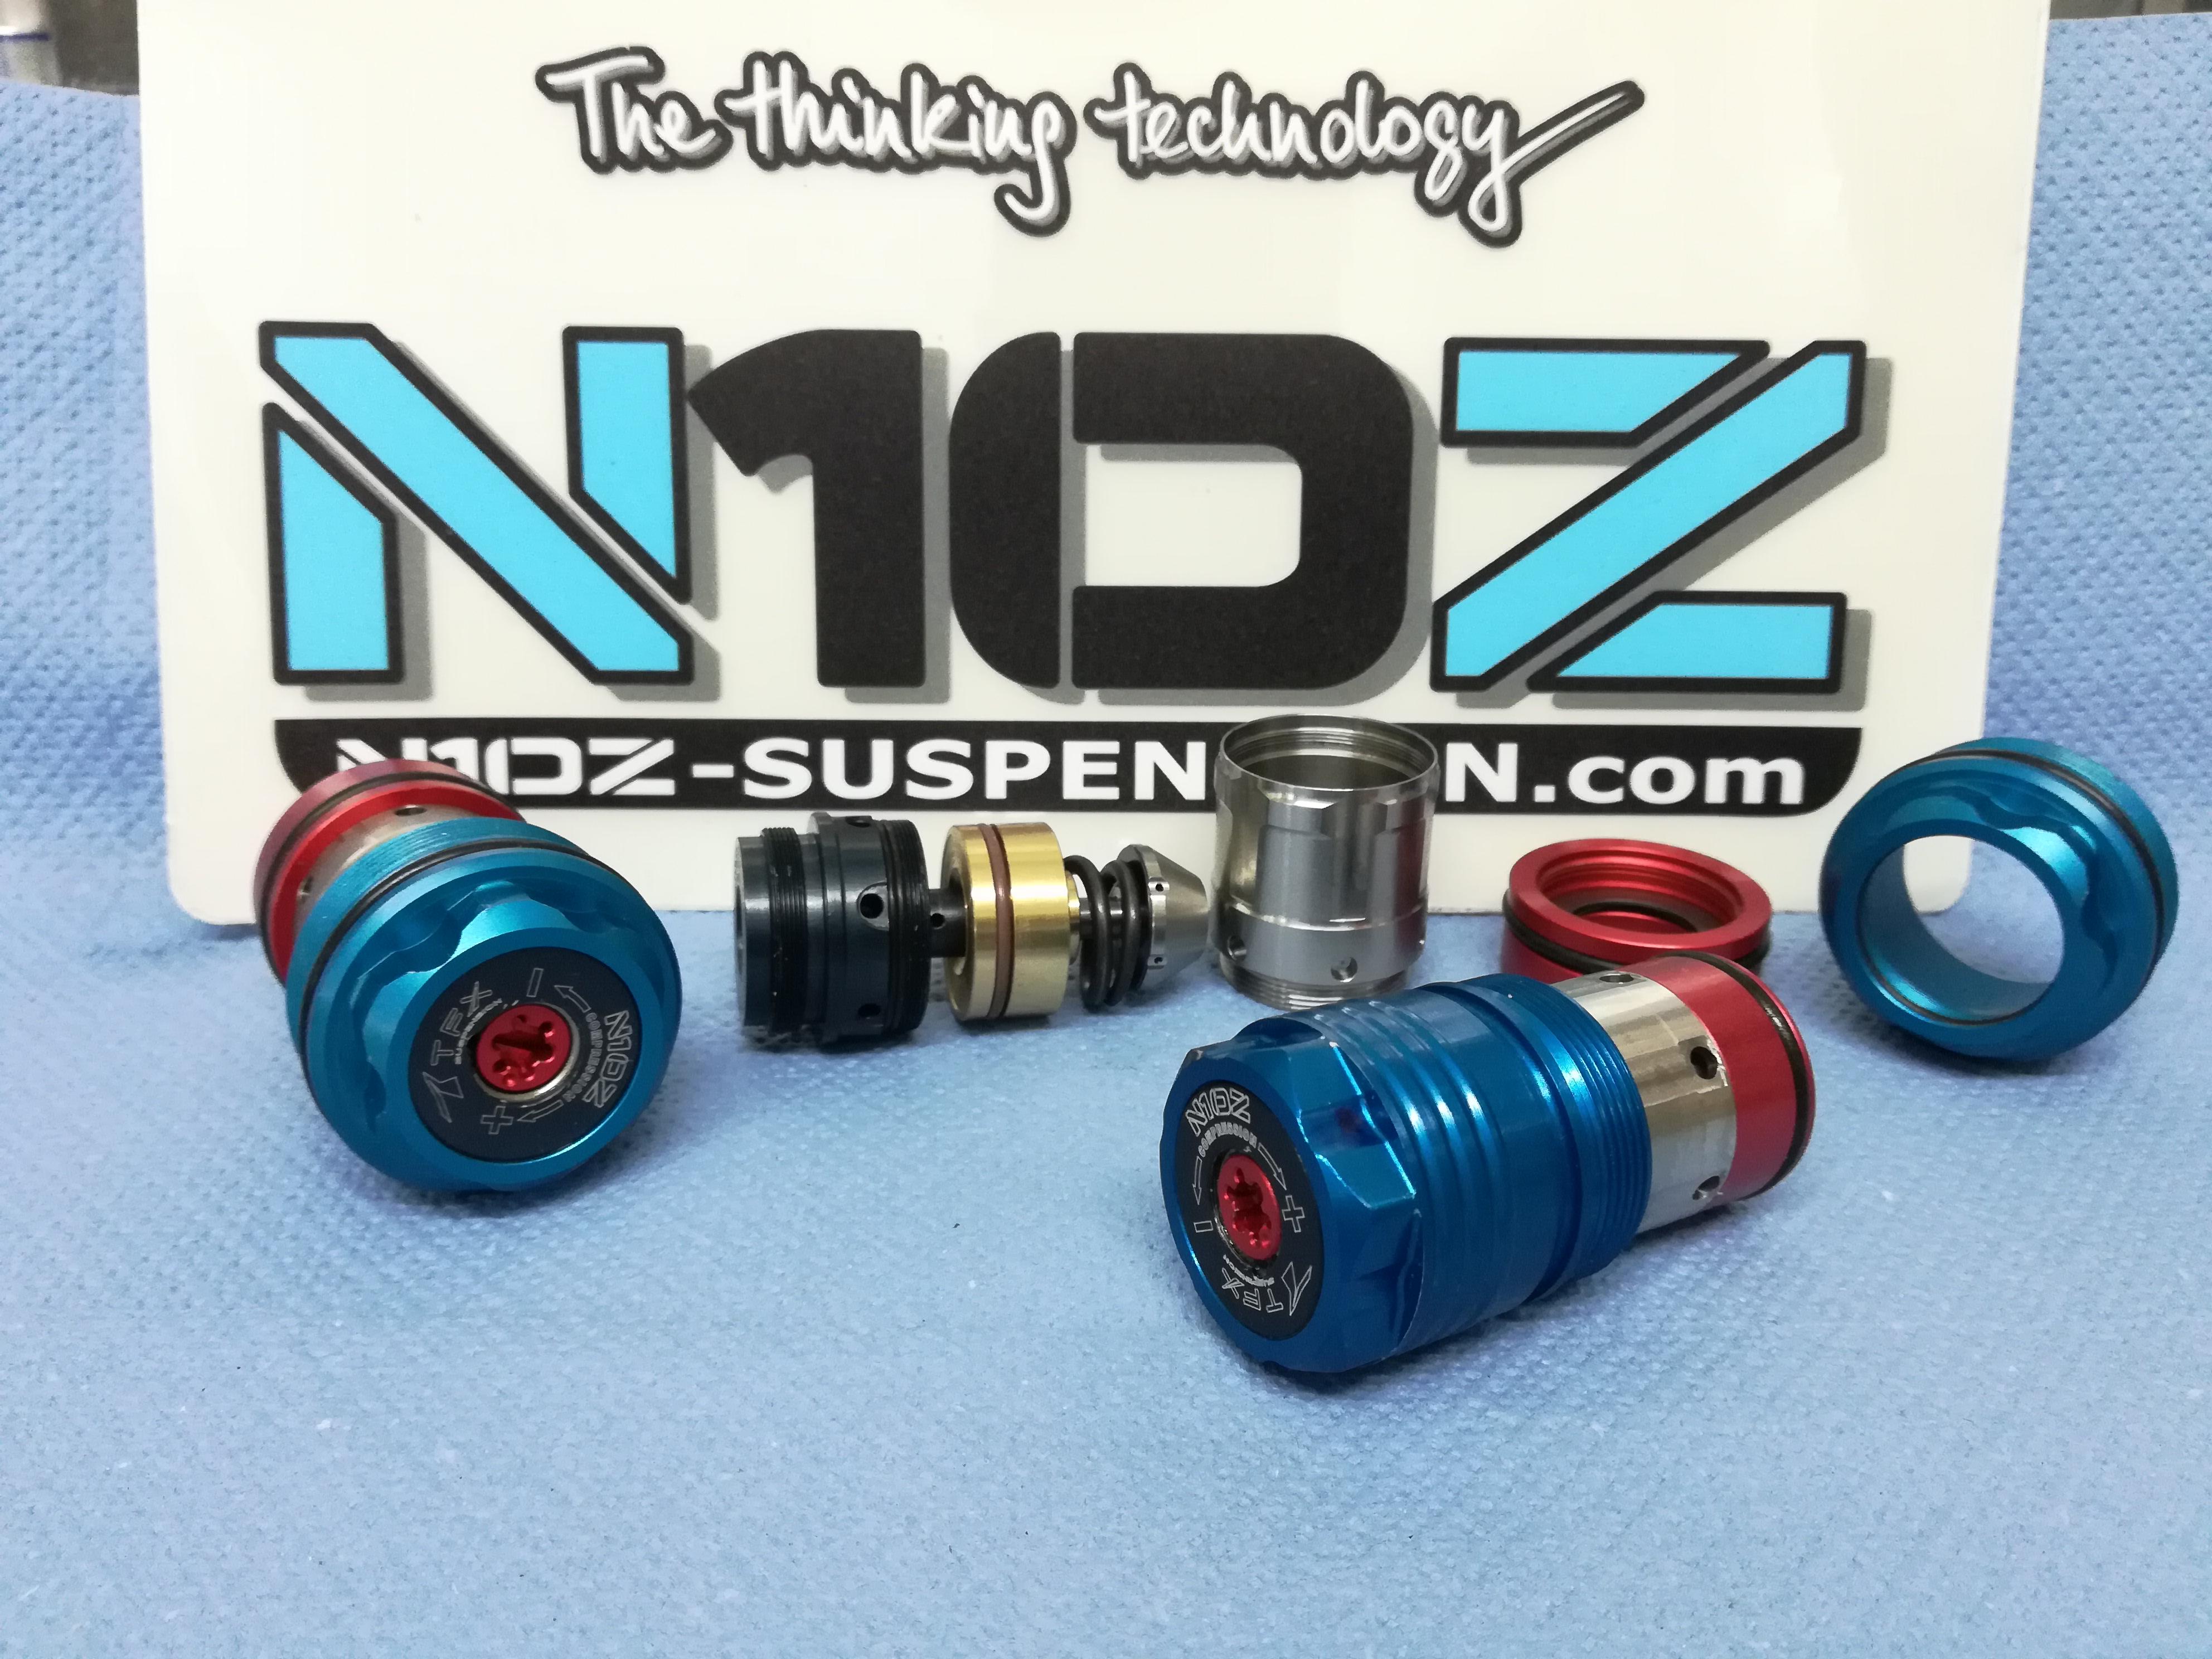 N10Z supspension